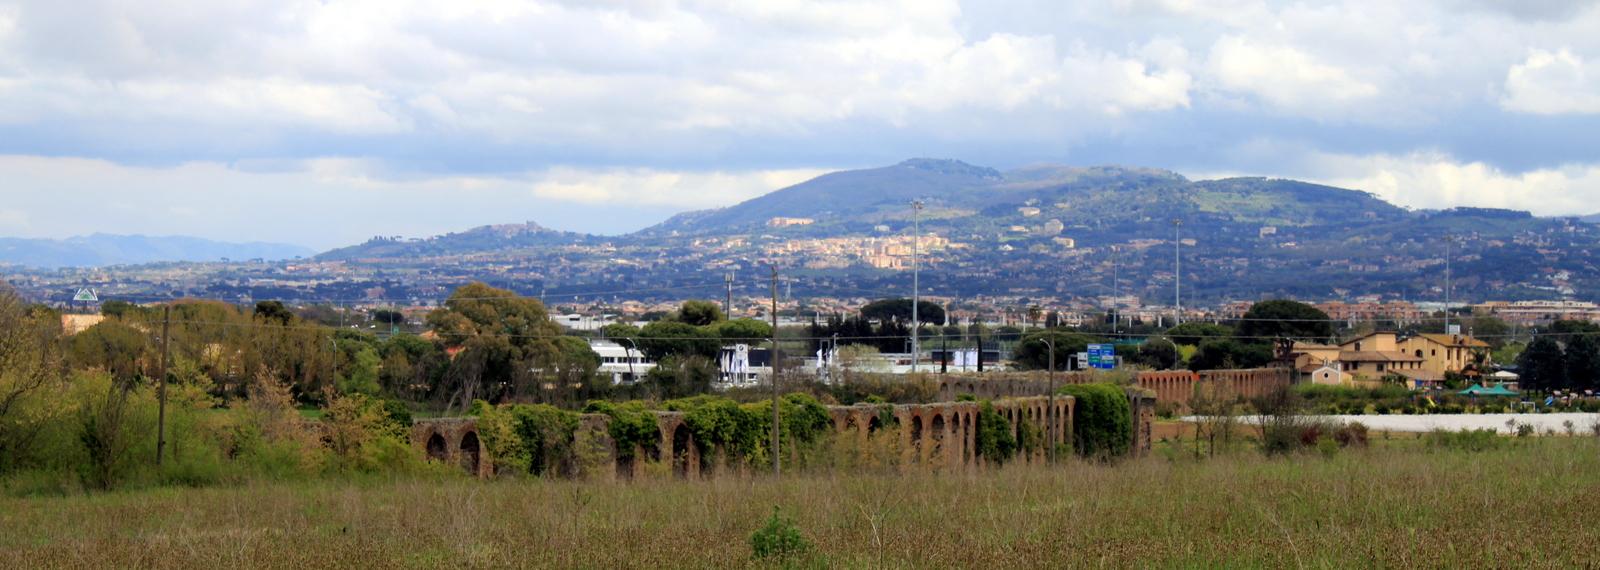 Rome, Aquaduct at Via Appia